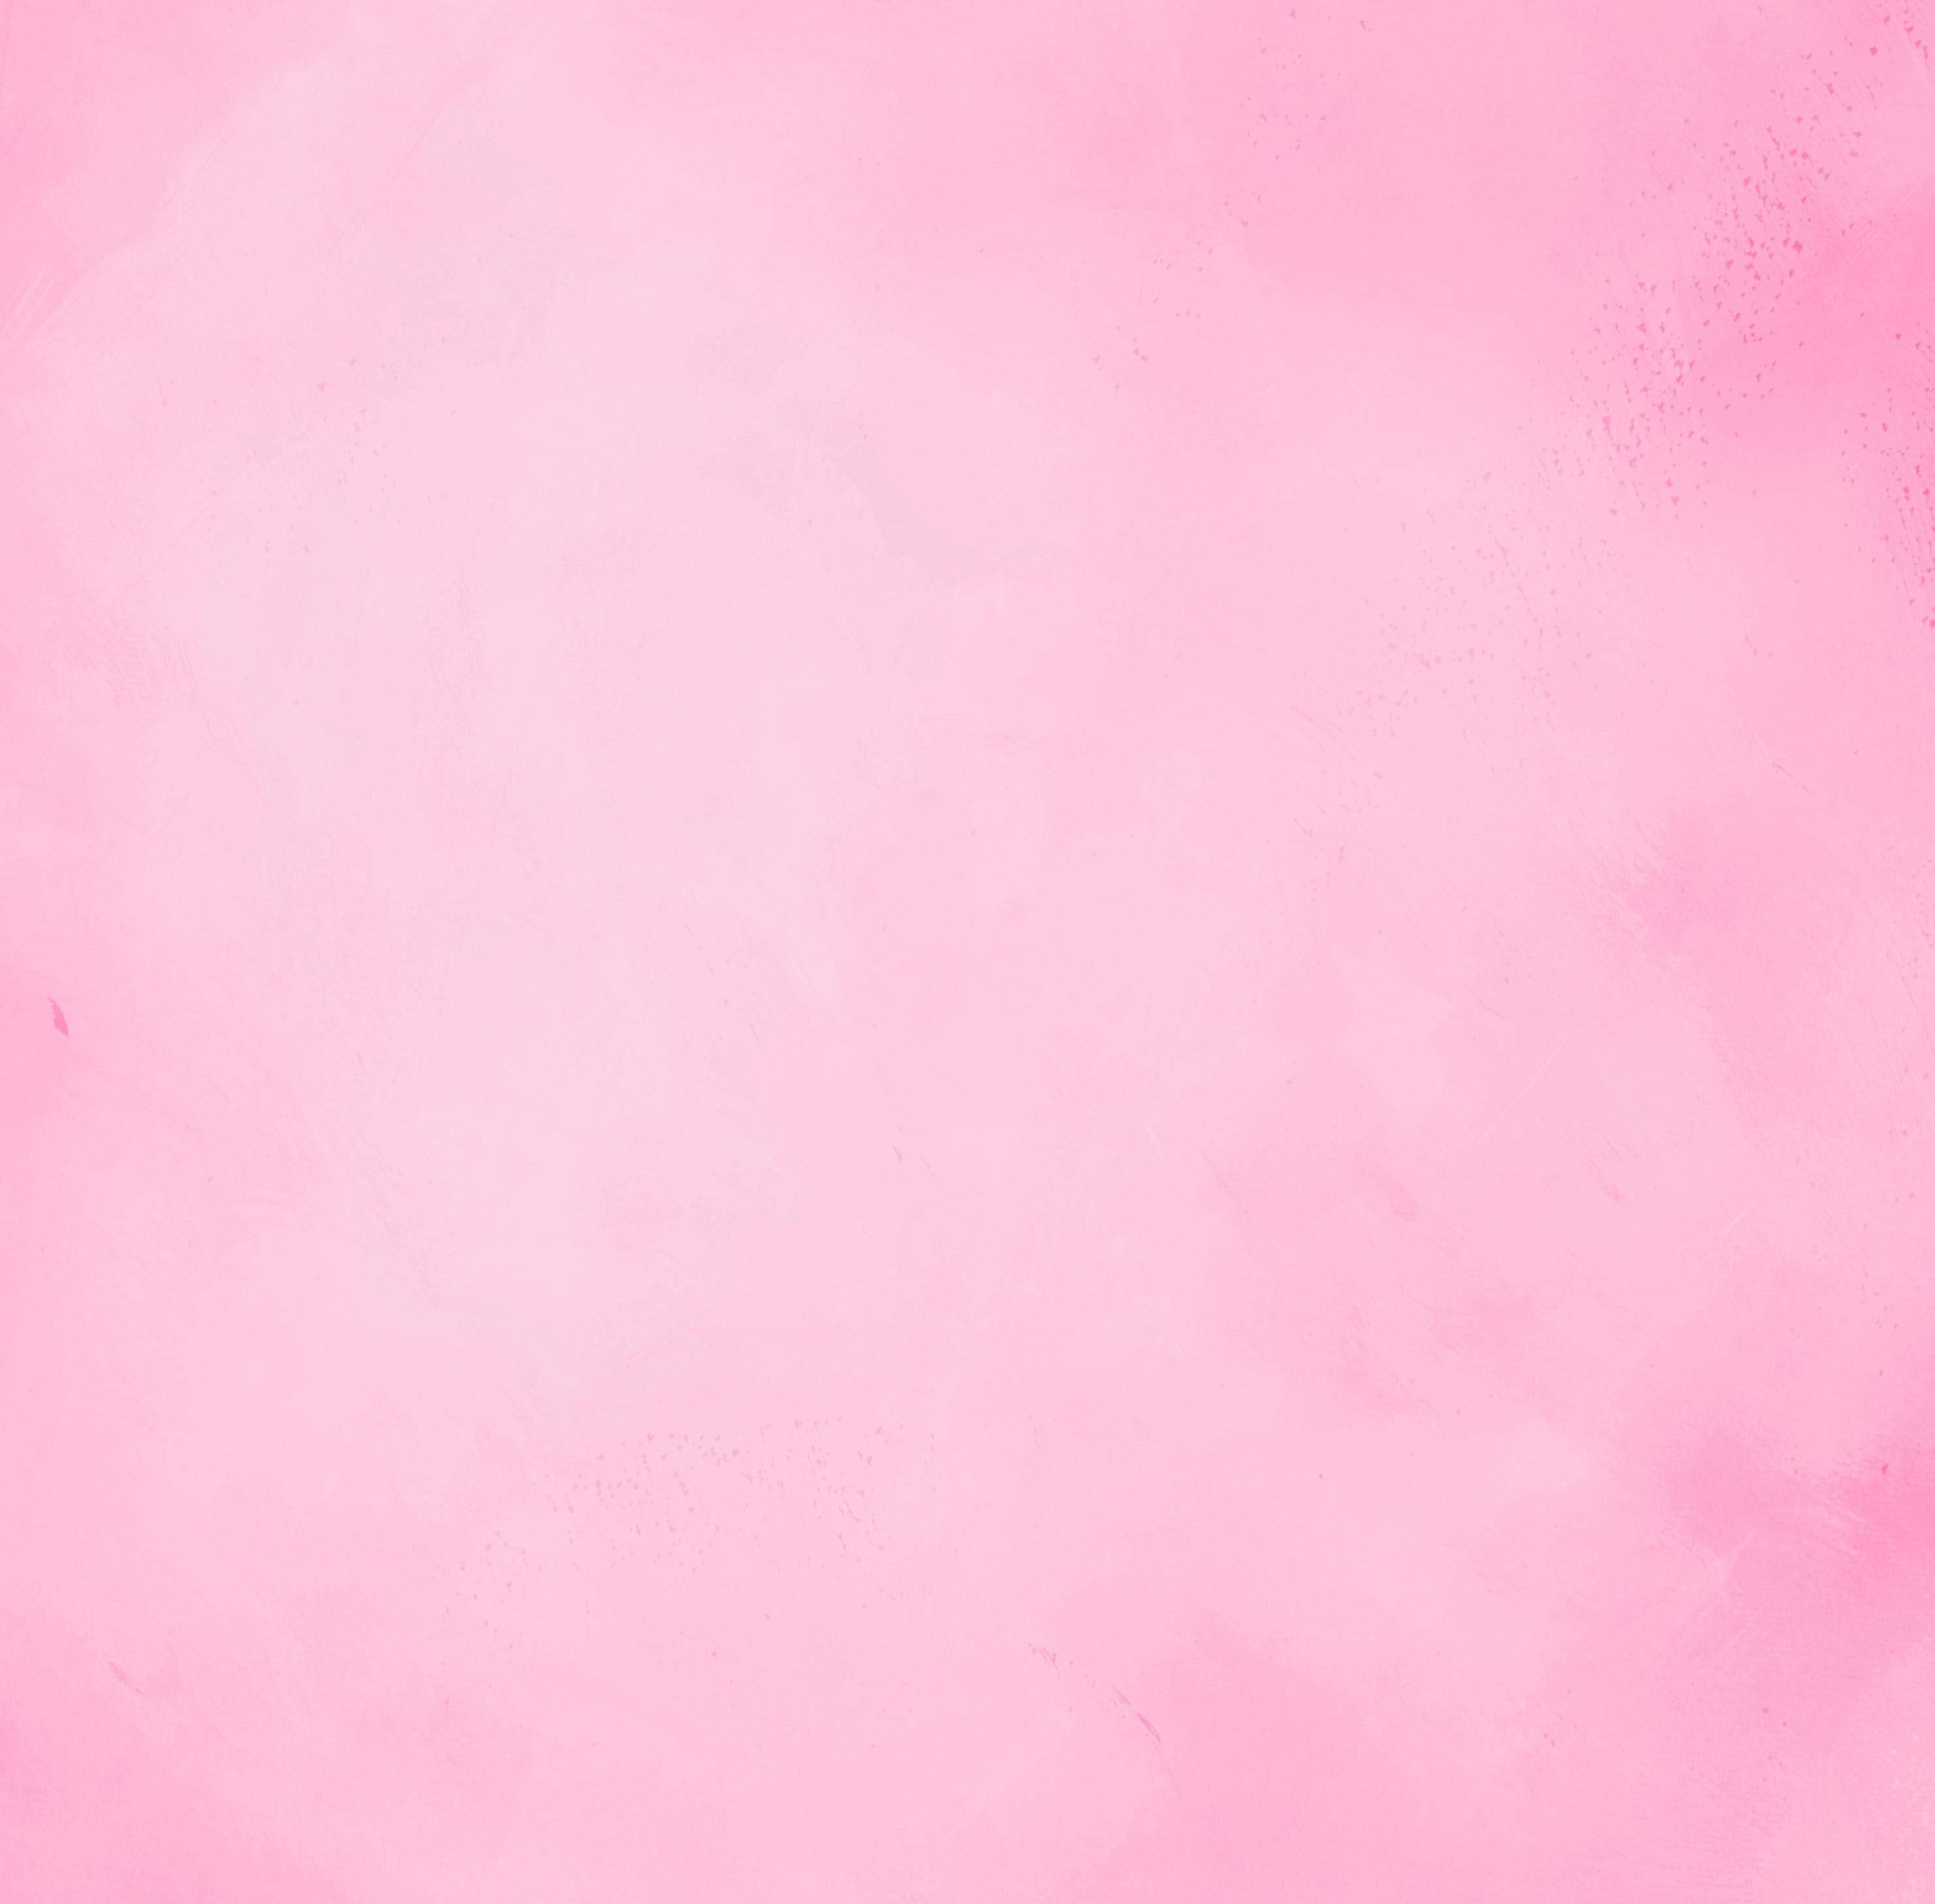 pastel pink wallpaper